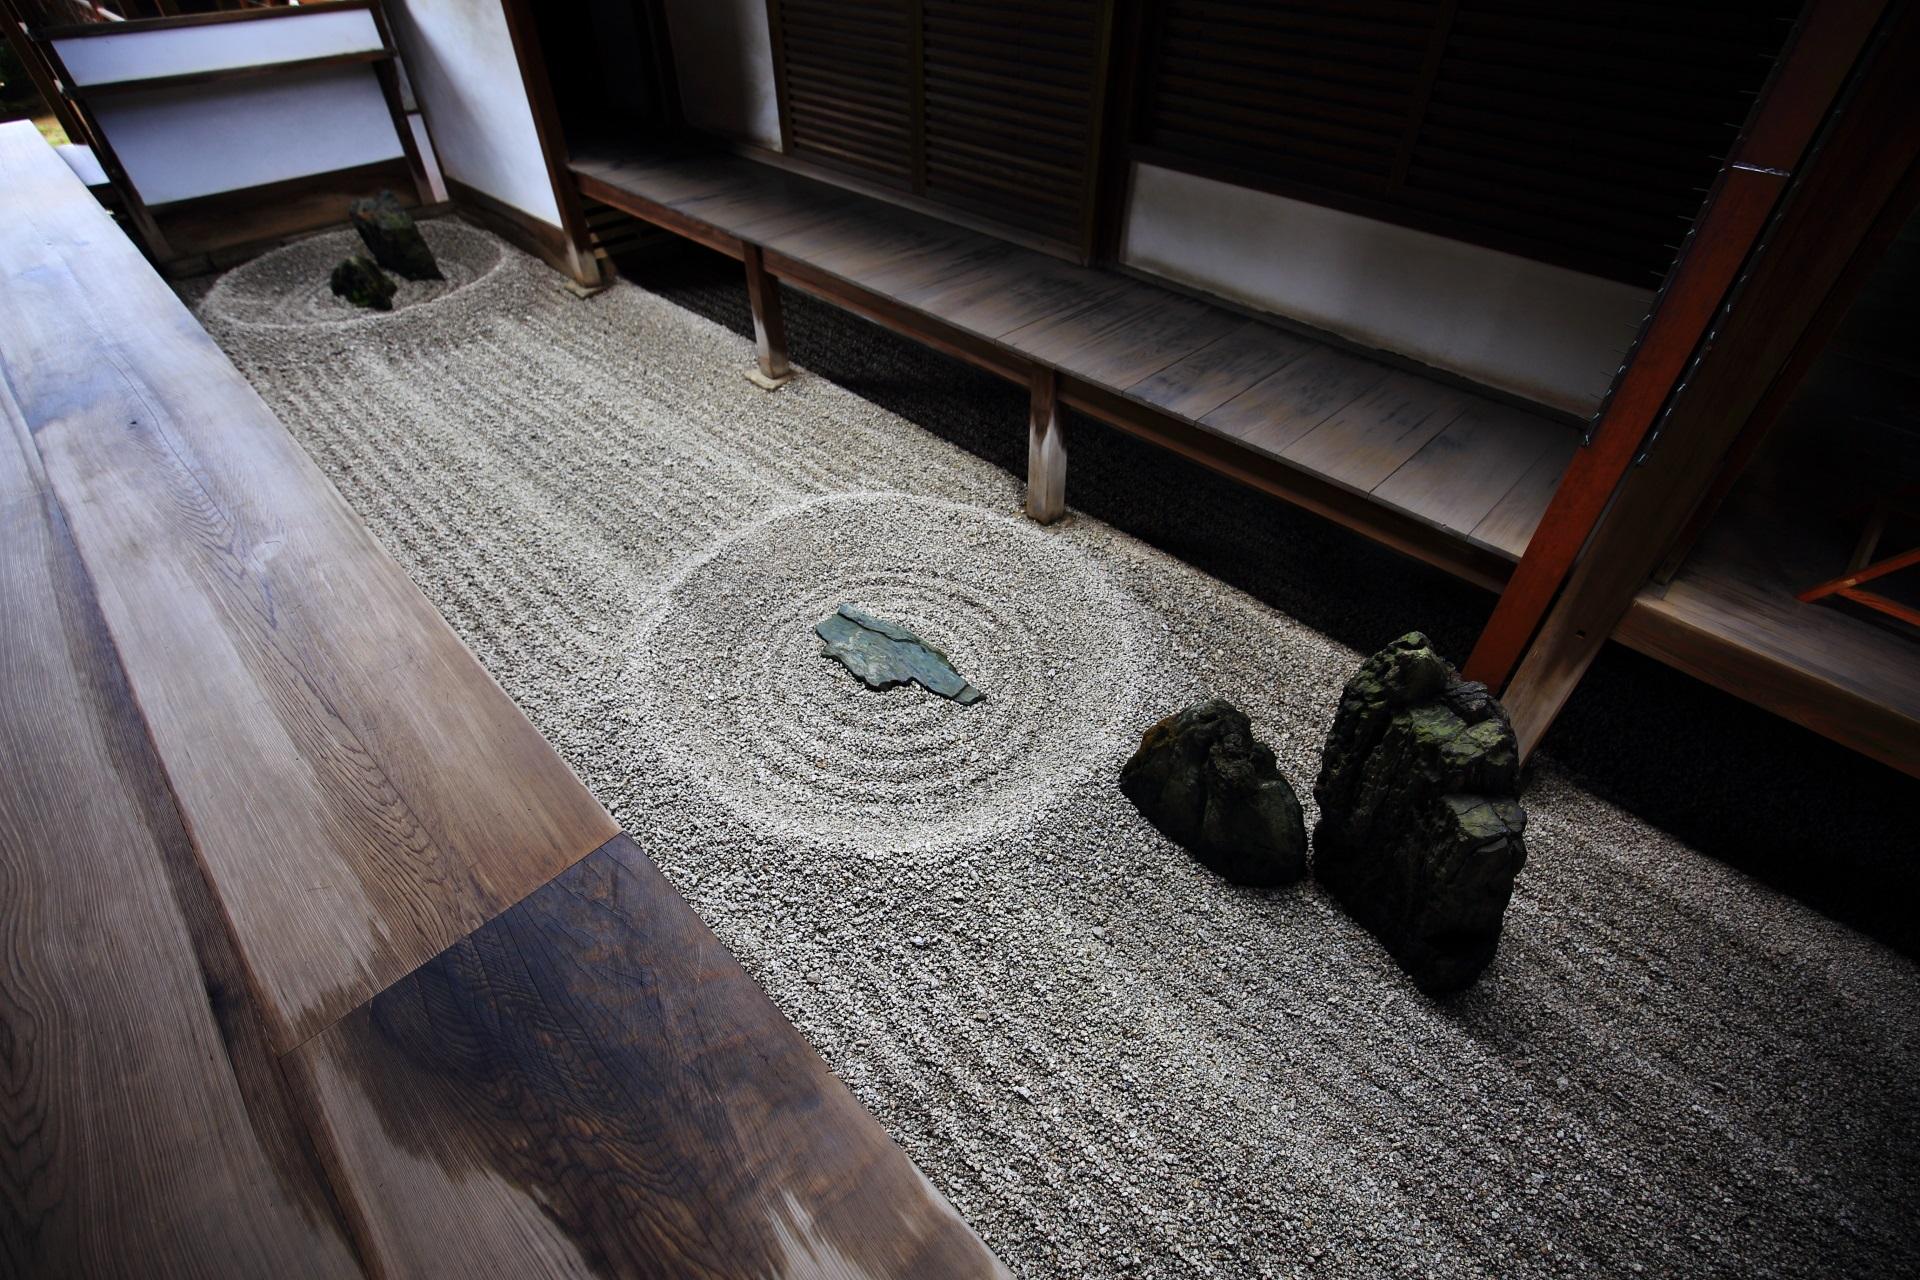 龍源院の方丈東側にある坪庭(壺庭)の「東滴壺(とうてきこ)」